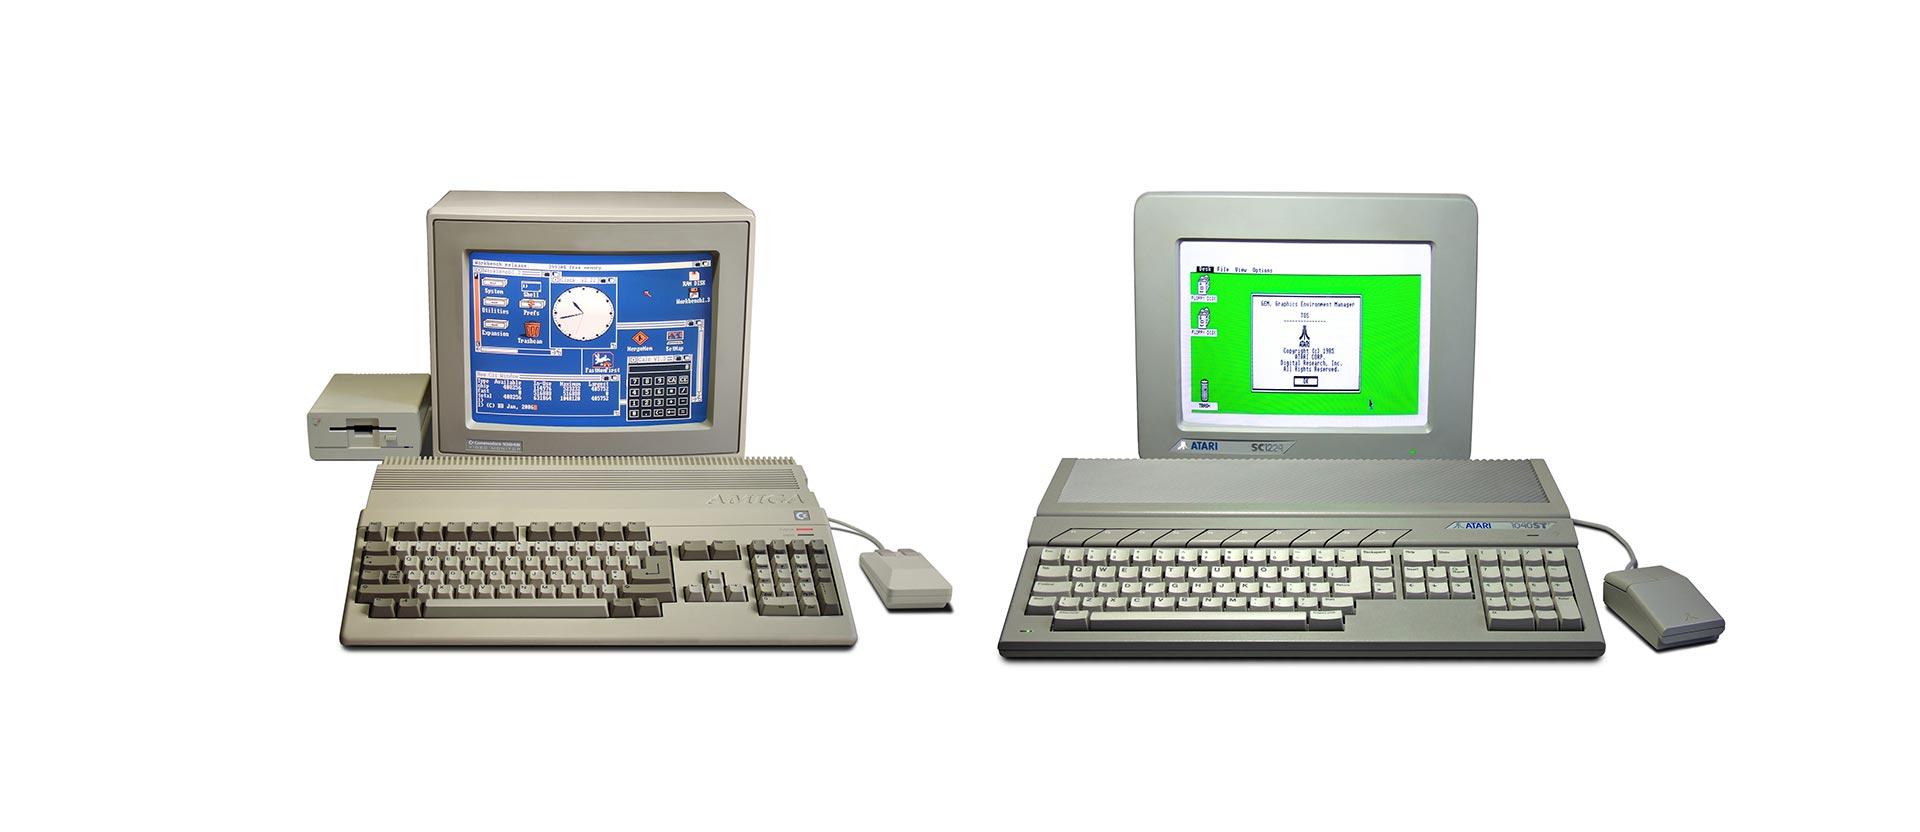 SRETAN ROĐENDAN: Legendarna Amiga 1000 i Atari ST napunili 30 godina!